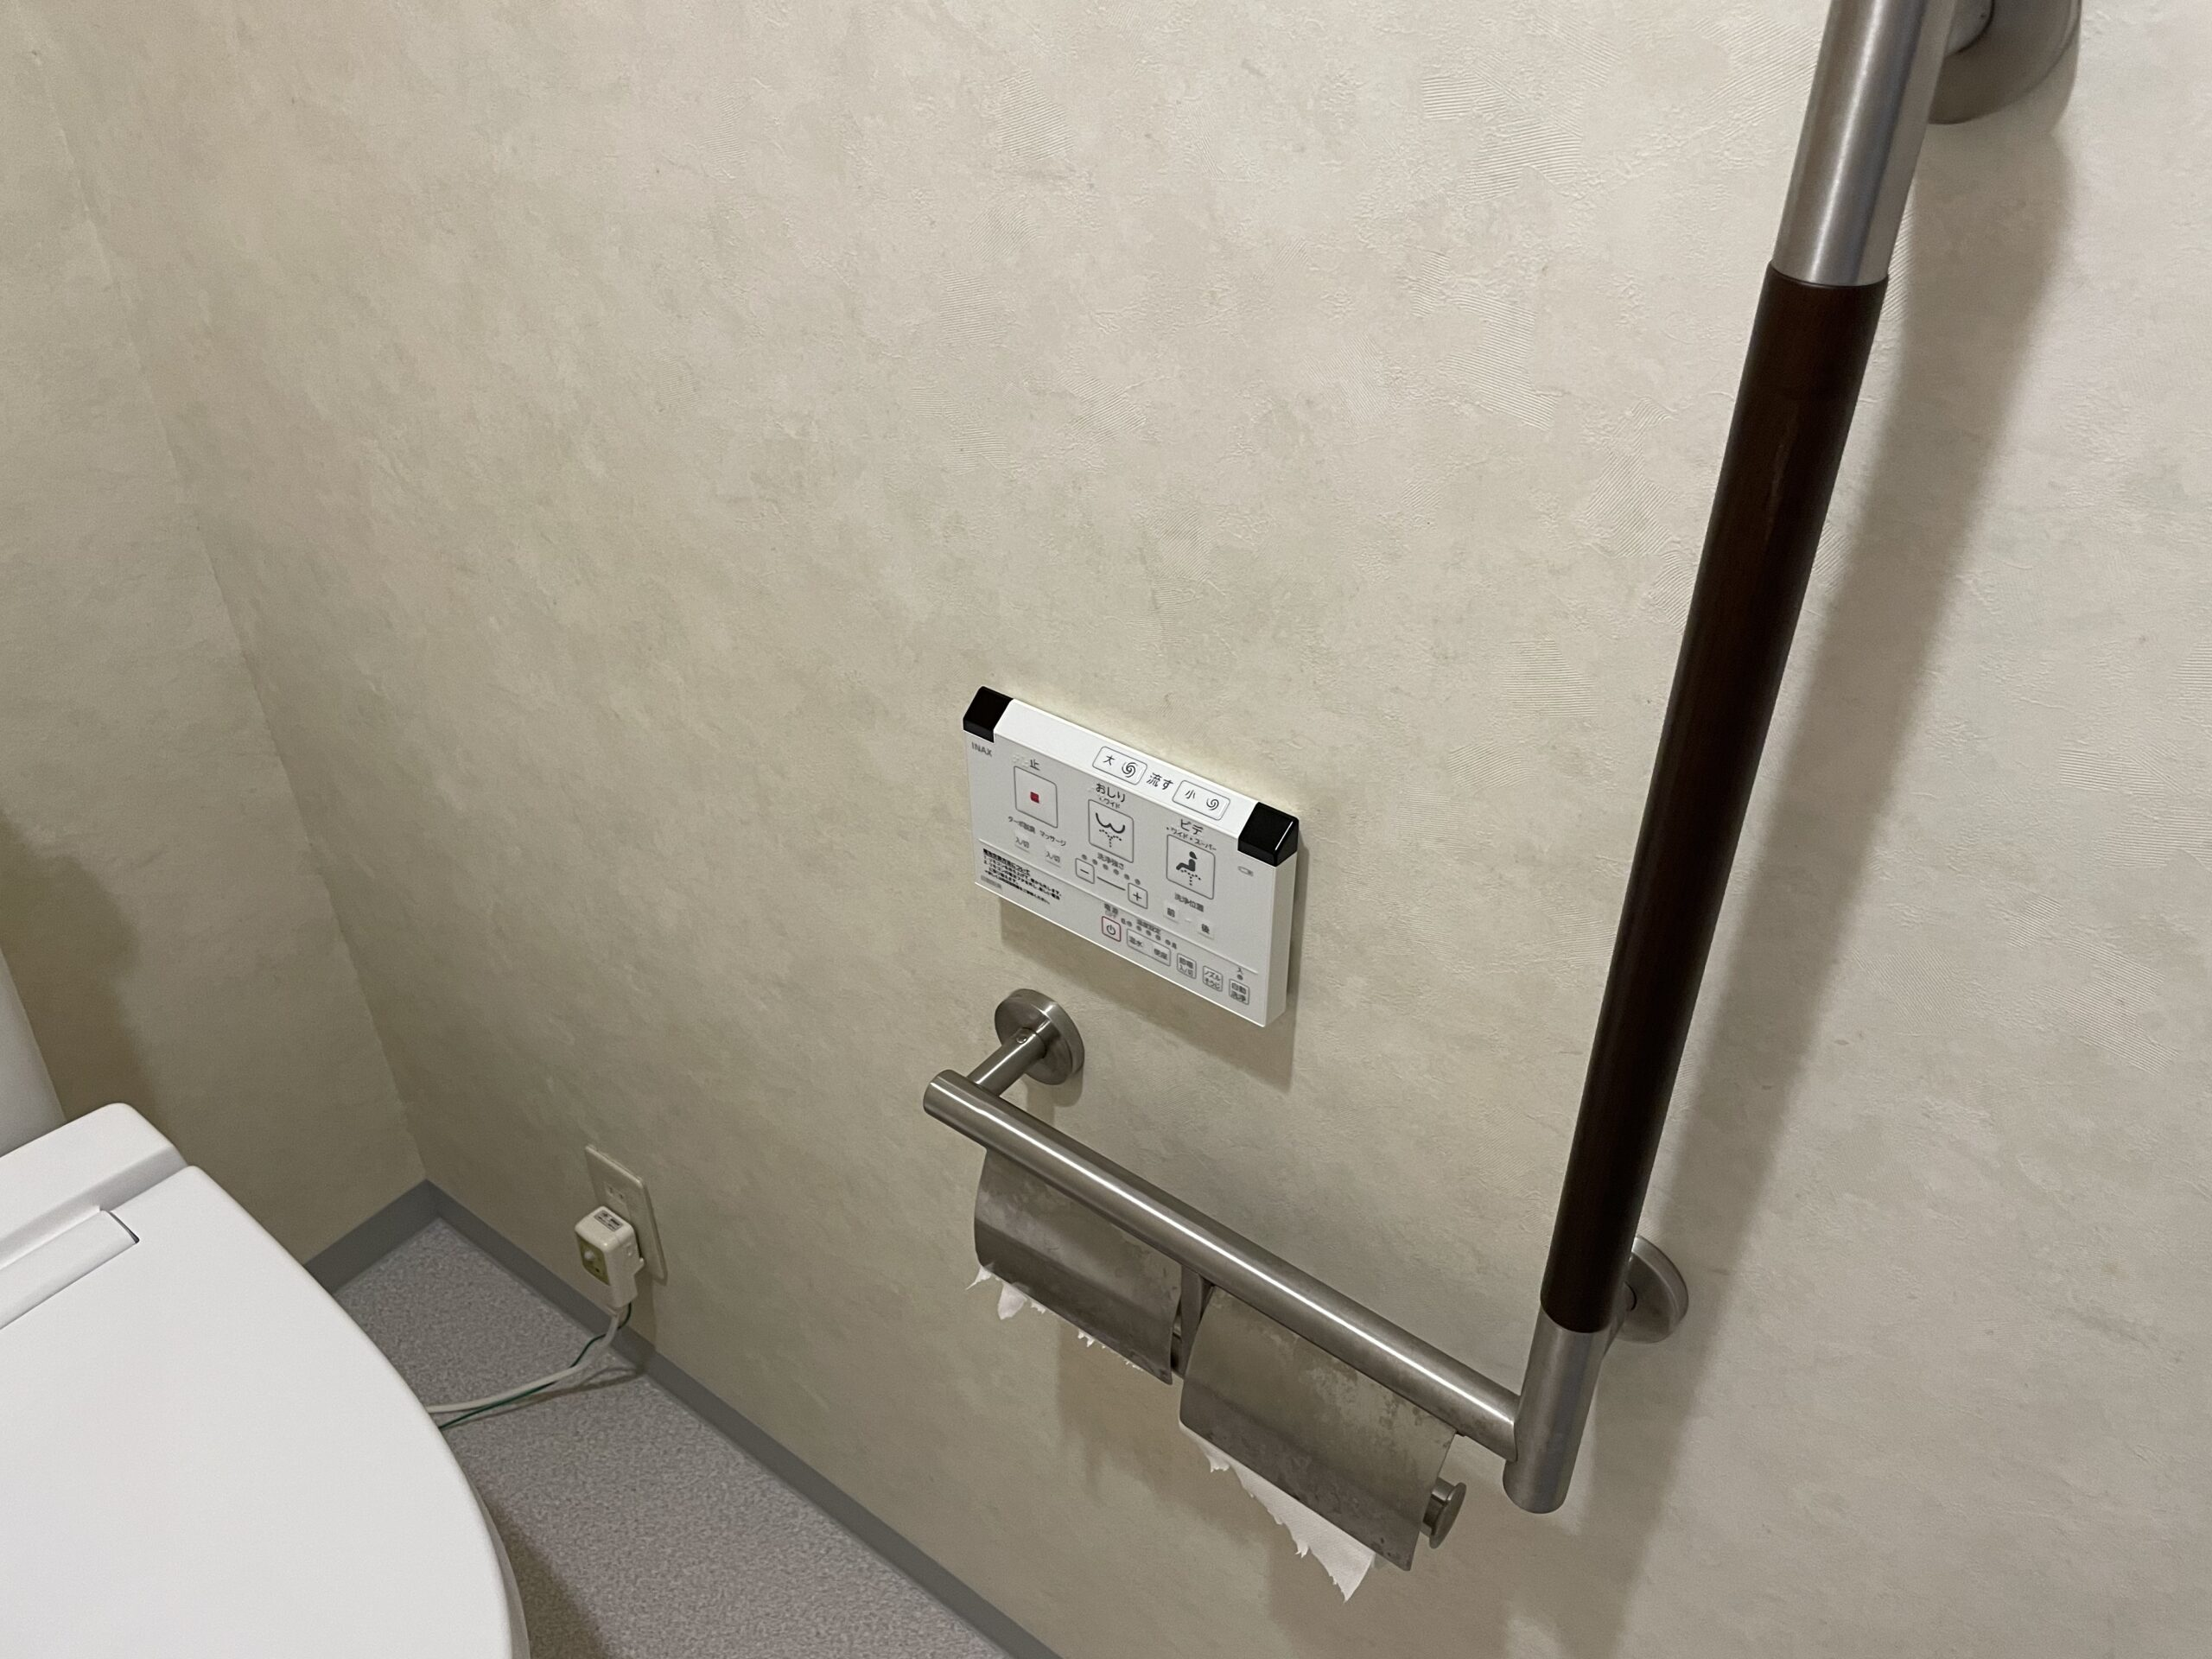 阿倍野区 洋式トイレ 施工後④